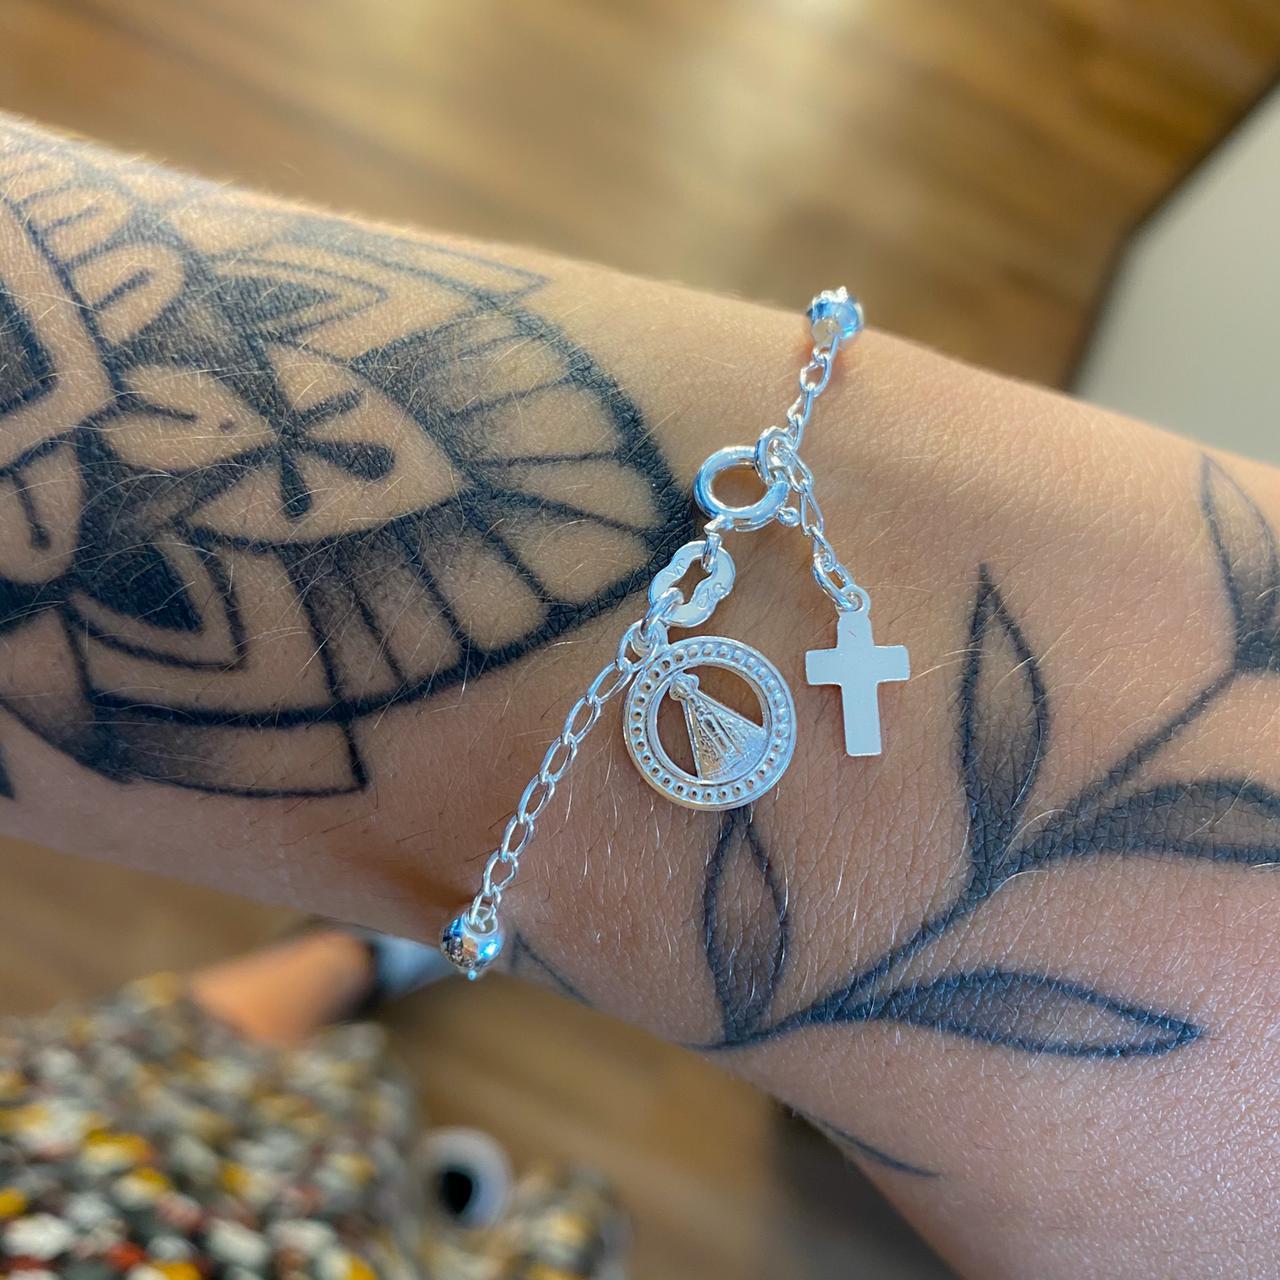 Pulseira de Prata Nossa Senhora Aparecida e Cruz - Coleção Mães e Filhos